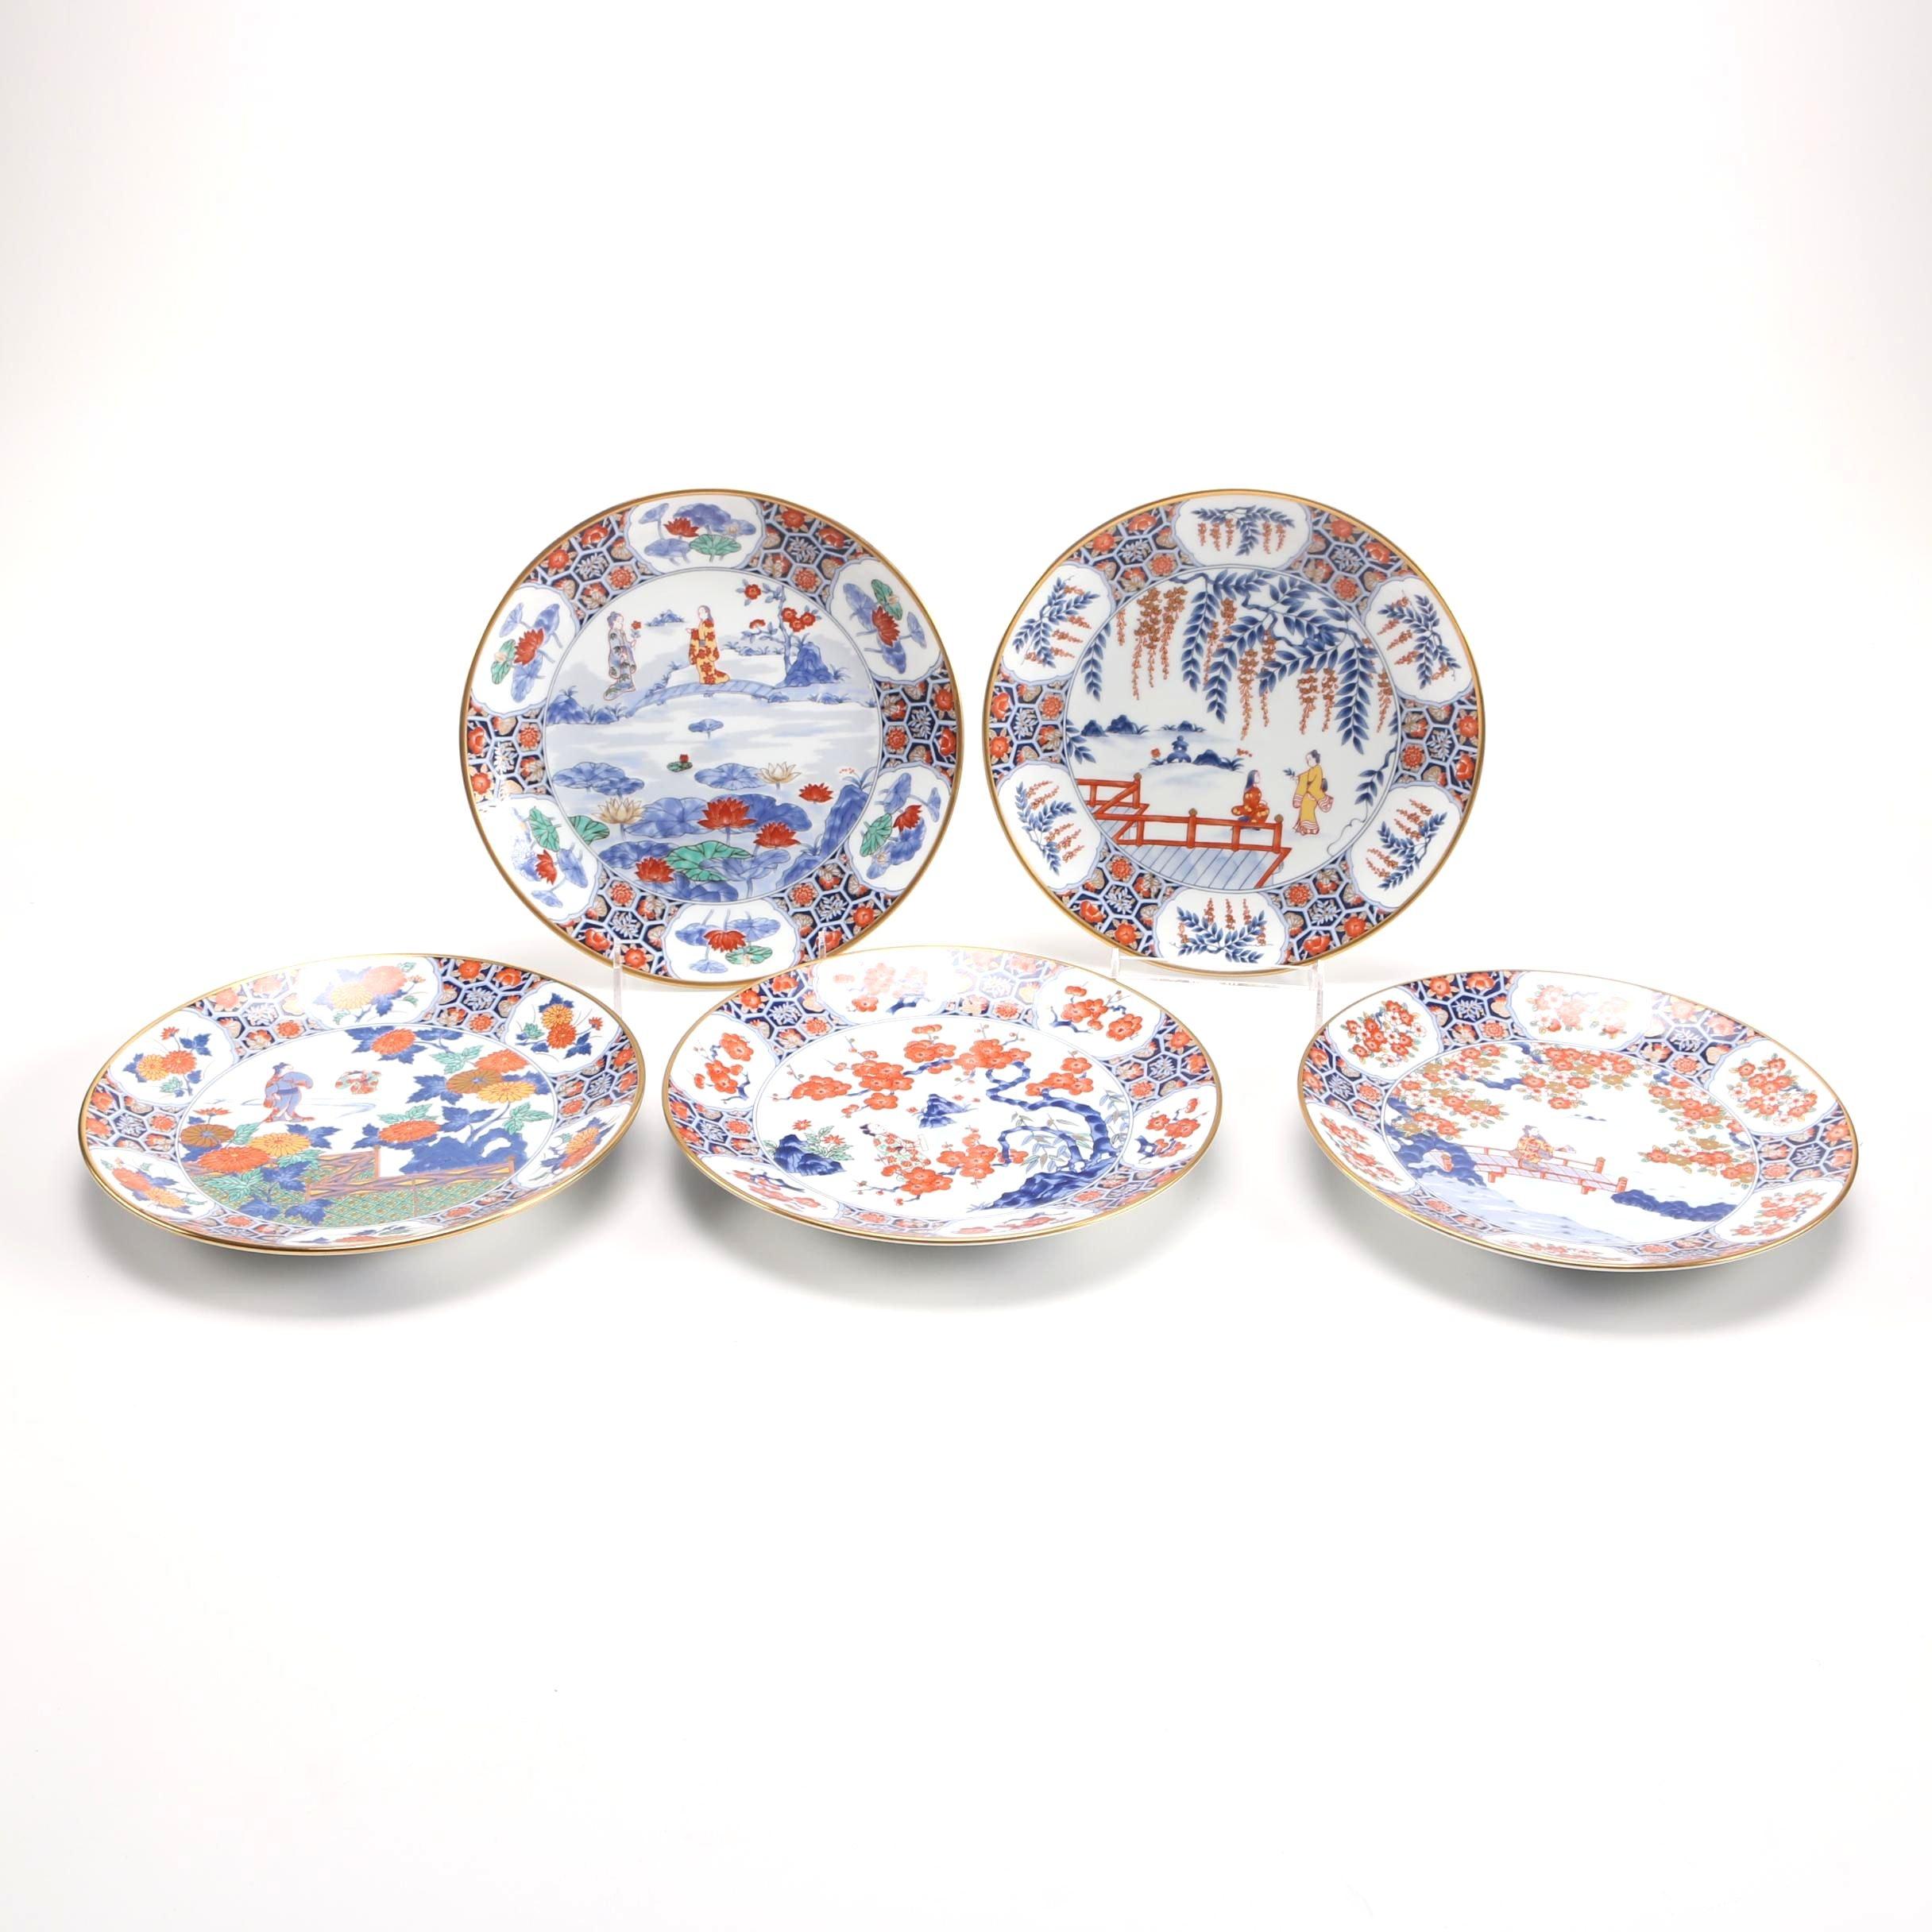 Hand Painted Japanese Imari Plates